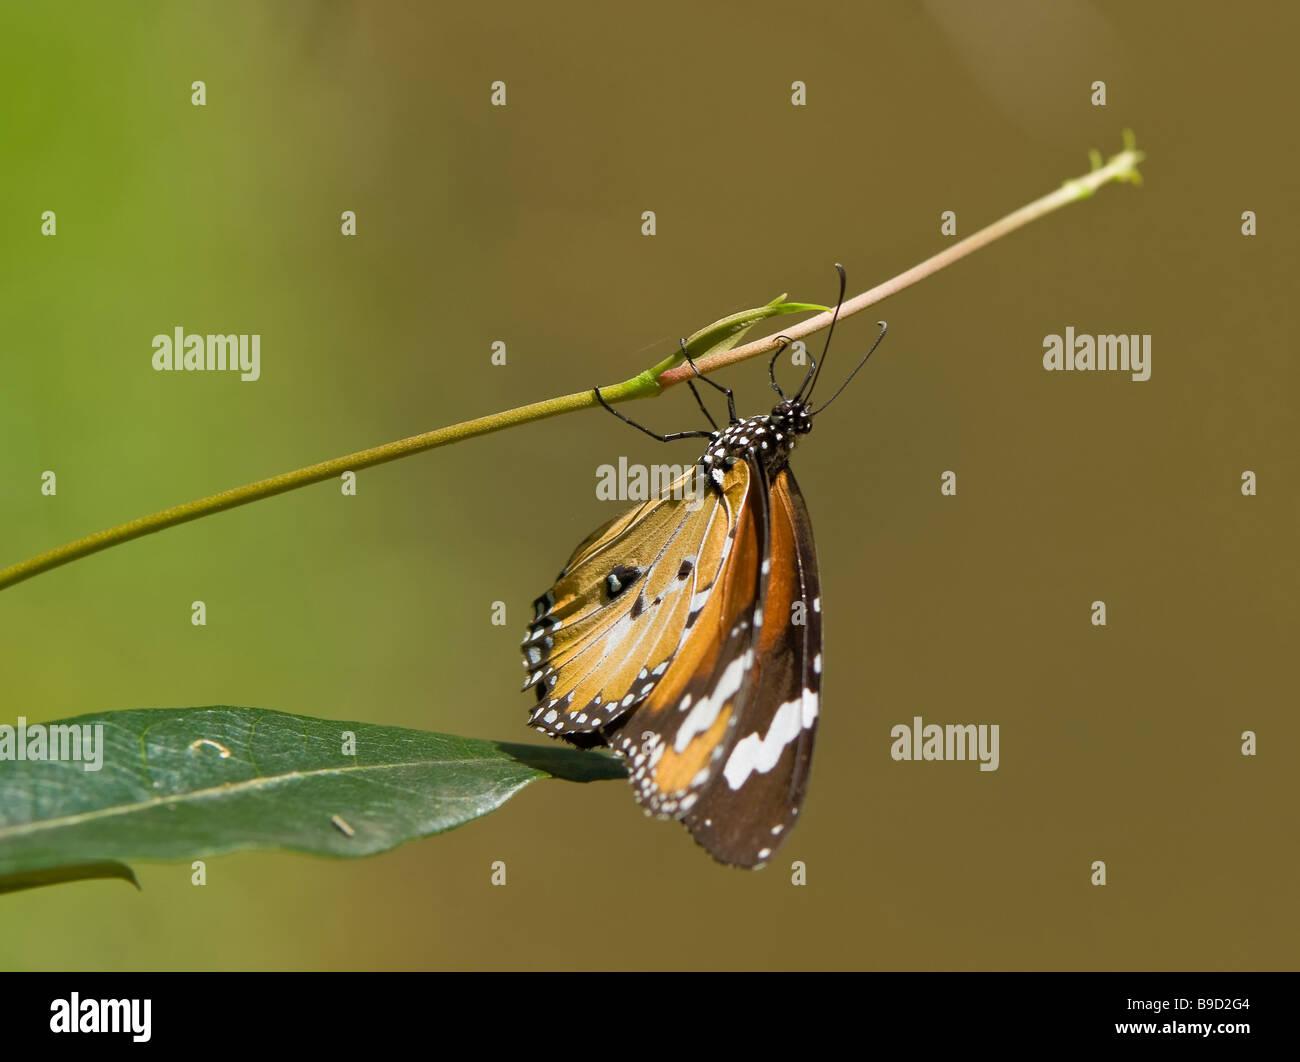 tolles Bild eines Schmetterlings aus einem Ast hängend Stockbild